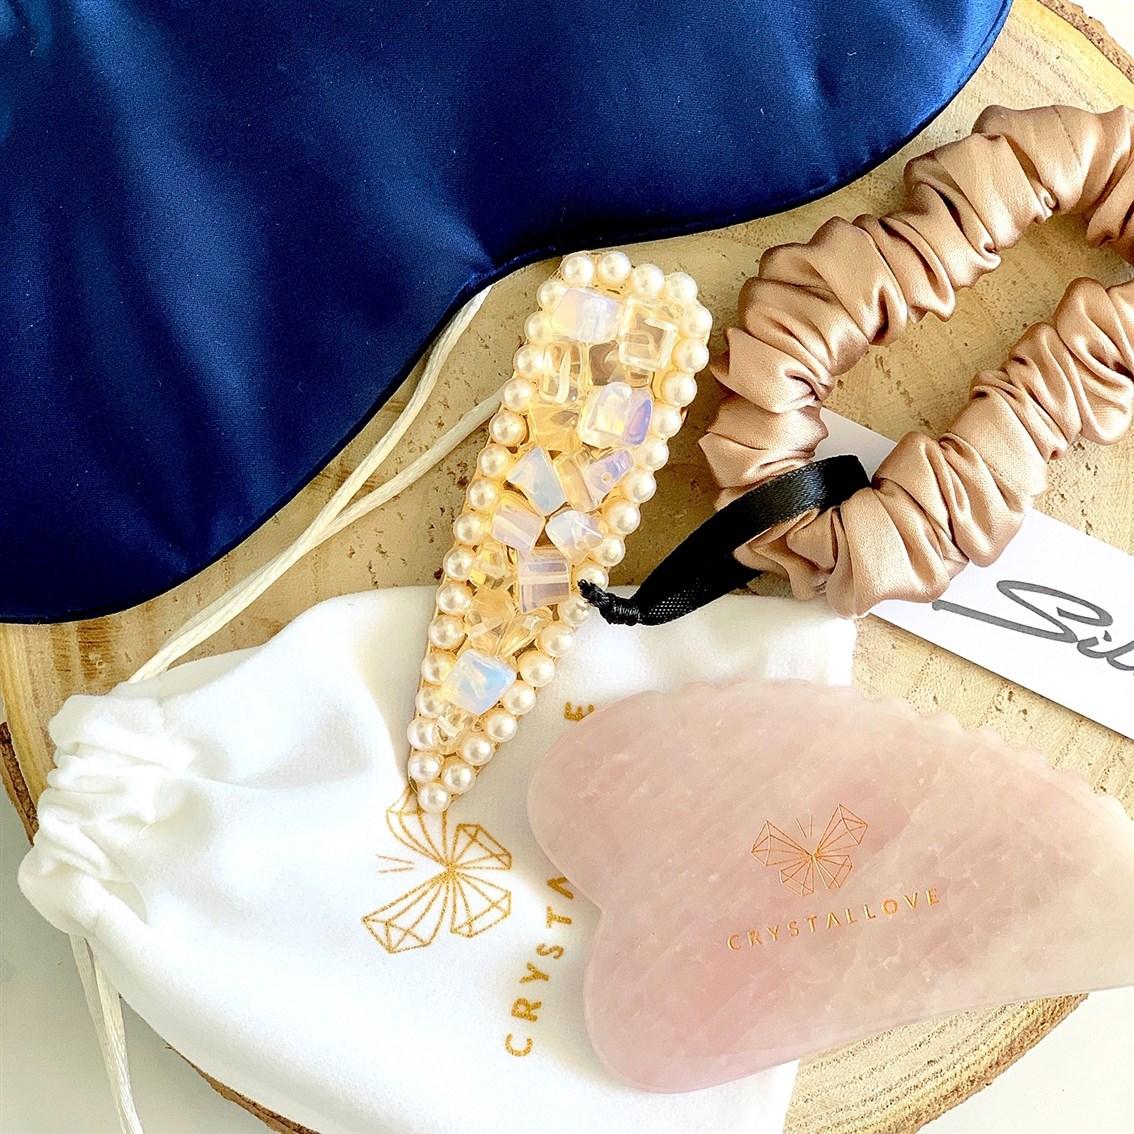 Crystallove płytka do masażu Gua Sha z kwarcu różowego